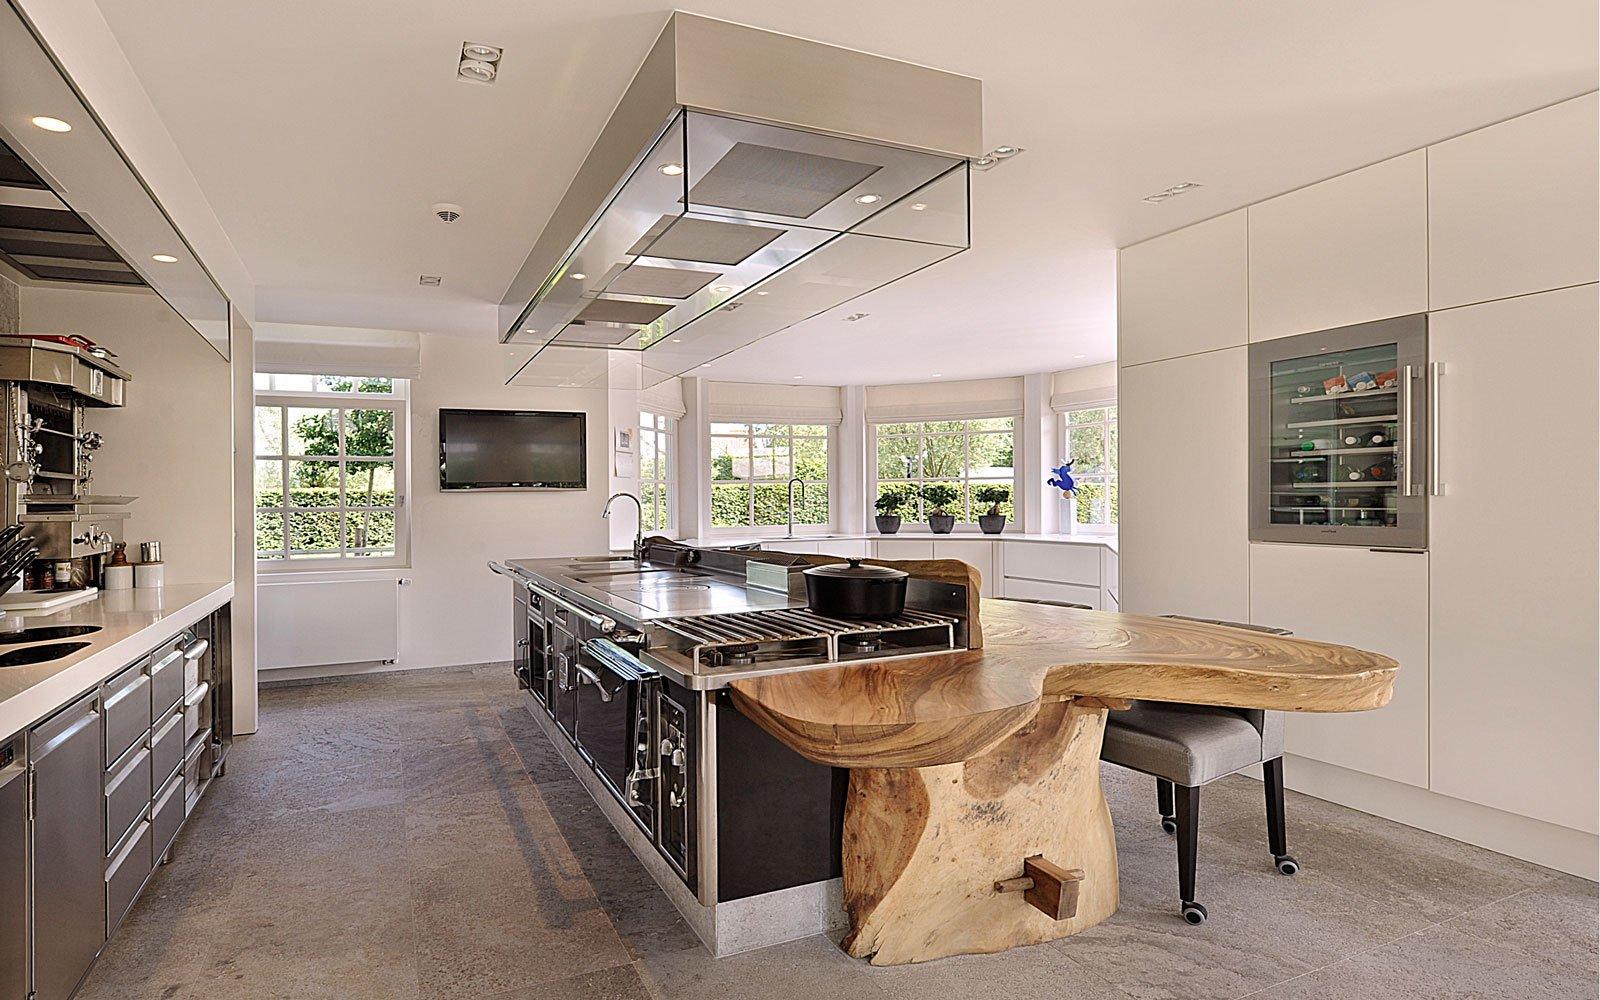 Keuken, Grando Keukens, Frank Tack, Boomstamblad, houten tafel, natuurlijke materialen, klassieke villa, Bart François